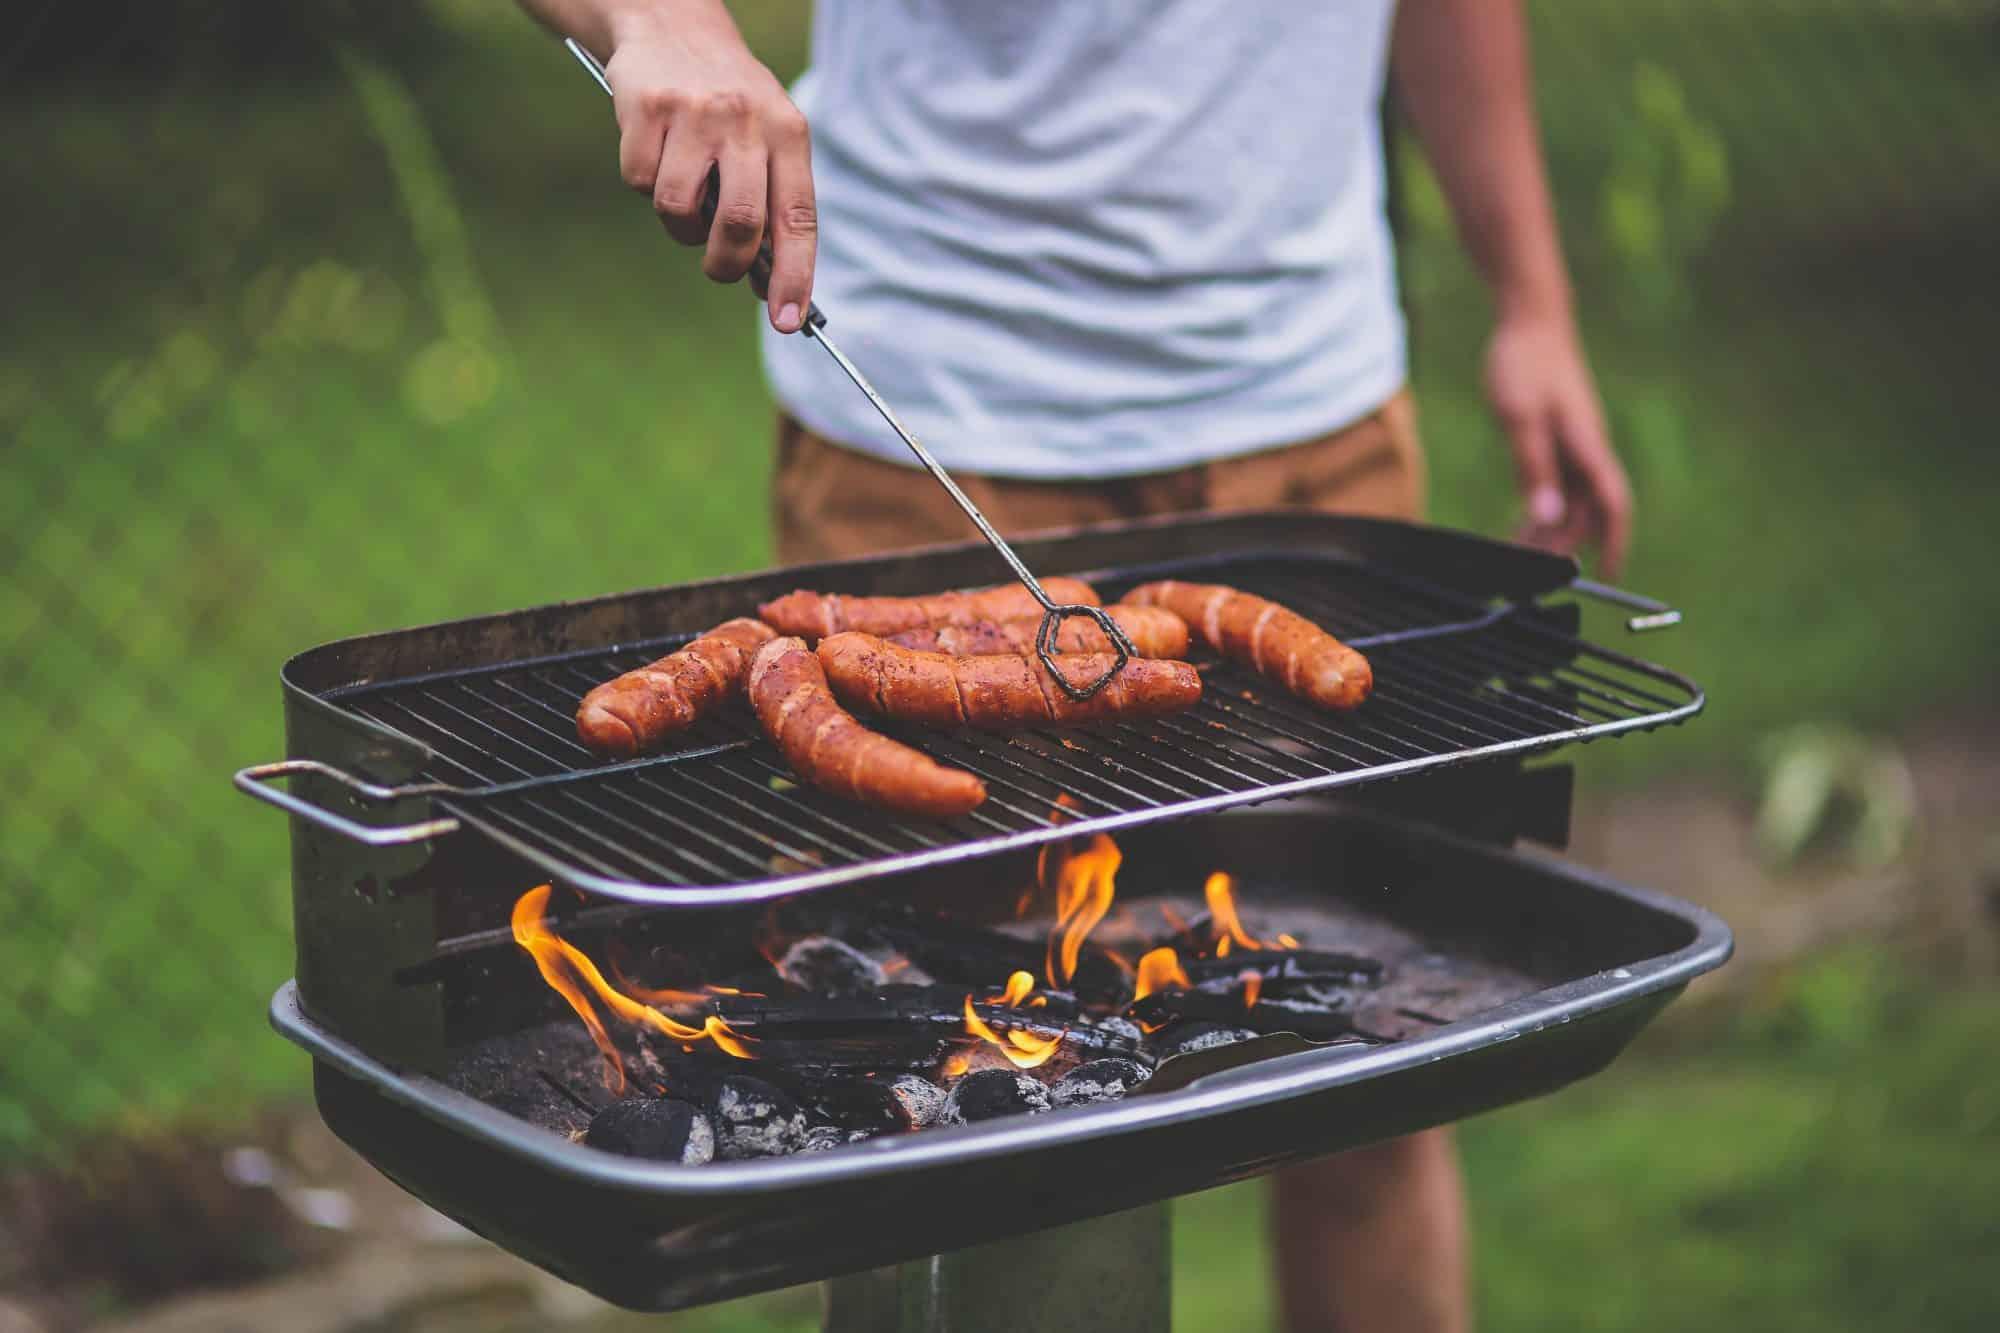 """Brighton, adesso i verdi vogliono abolire il barbecue: """"Inquina, troppe emissioni"""""""